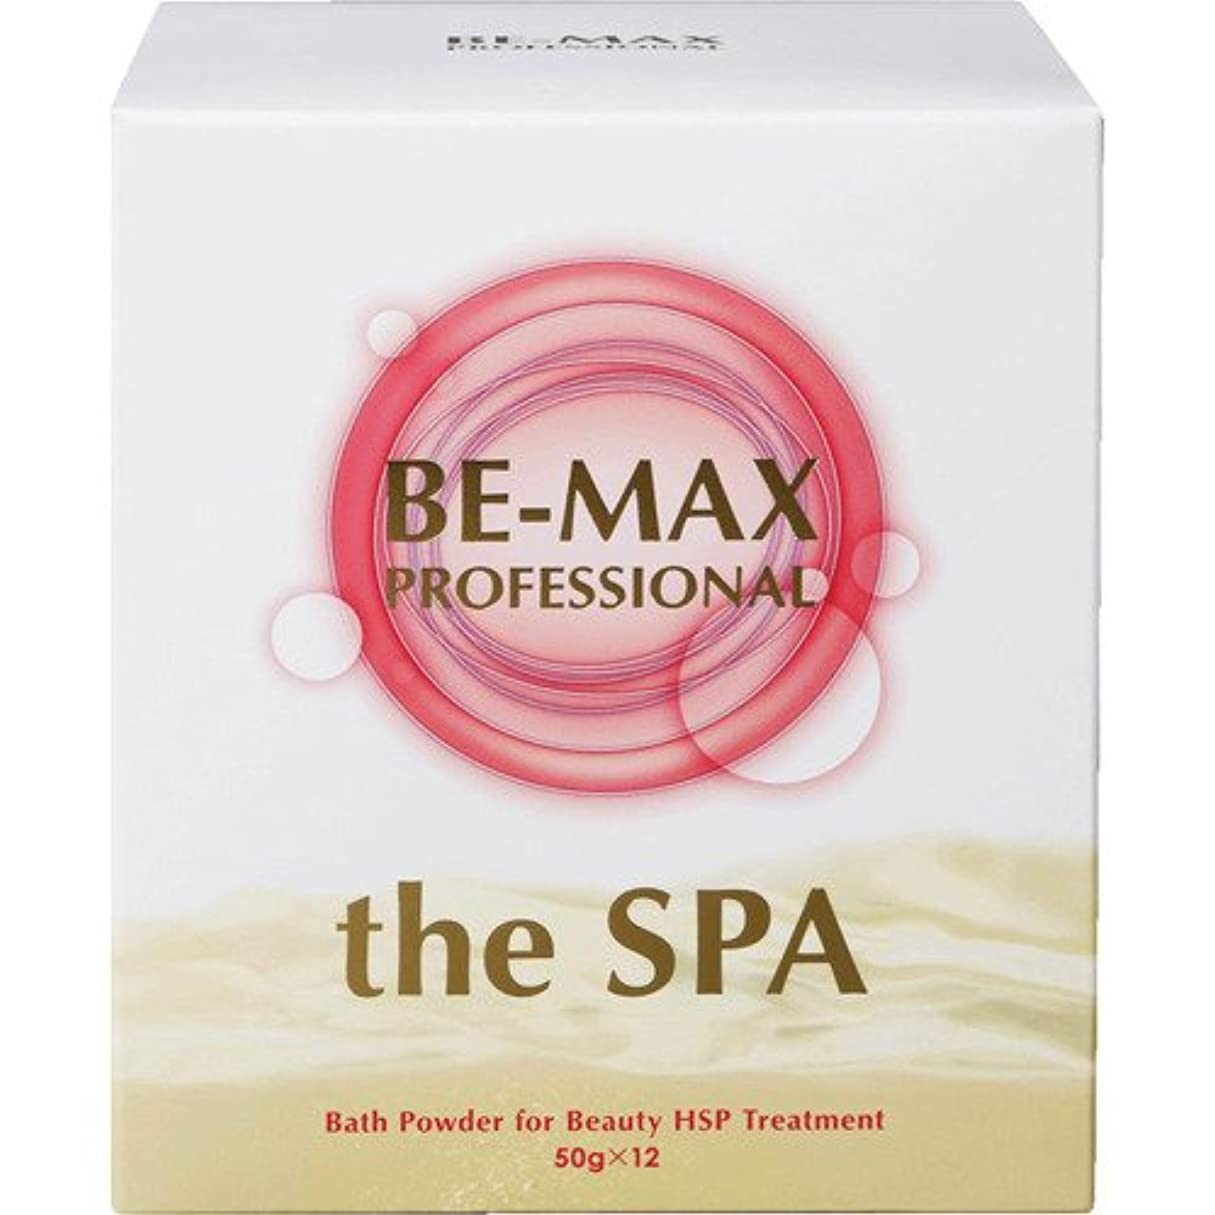 印象的宿命液化するBE-MAX the SPA 入浴剤 柑橘系ハーブ精油がふわりと香る微炭酸湯